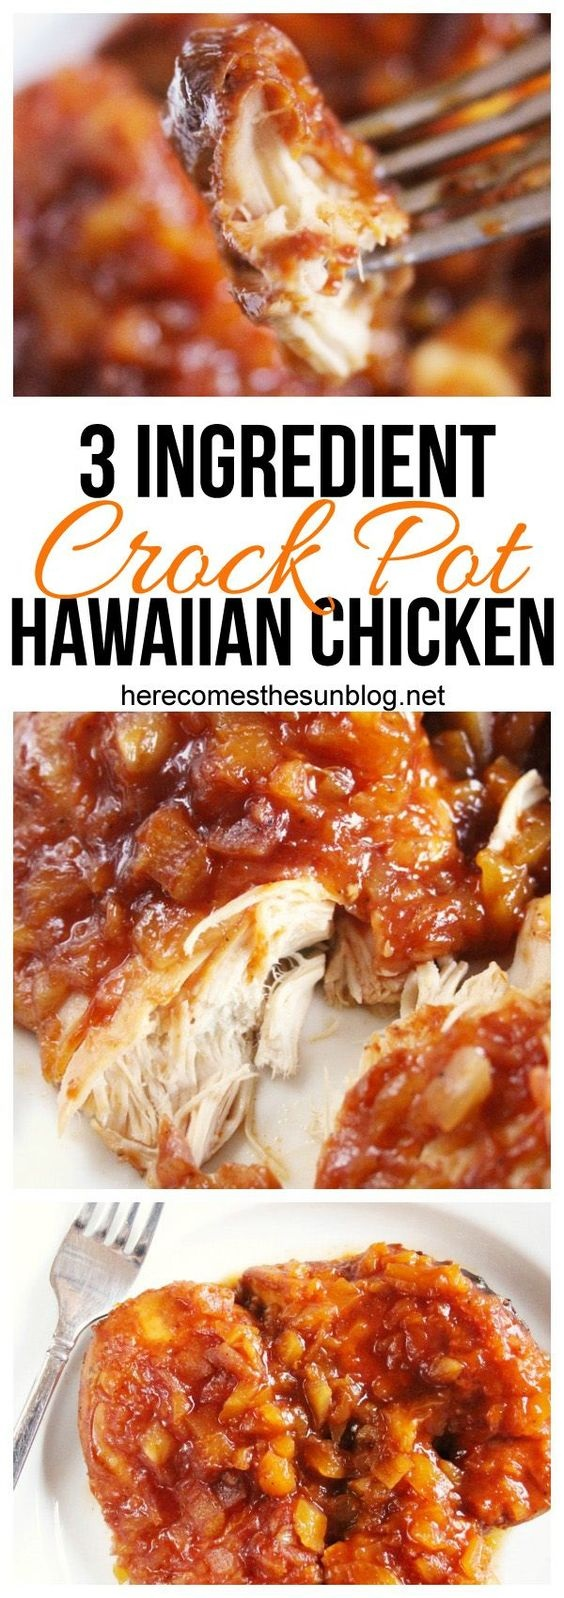 3 Ingredient Crock Pot Hawaiian Chicken